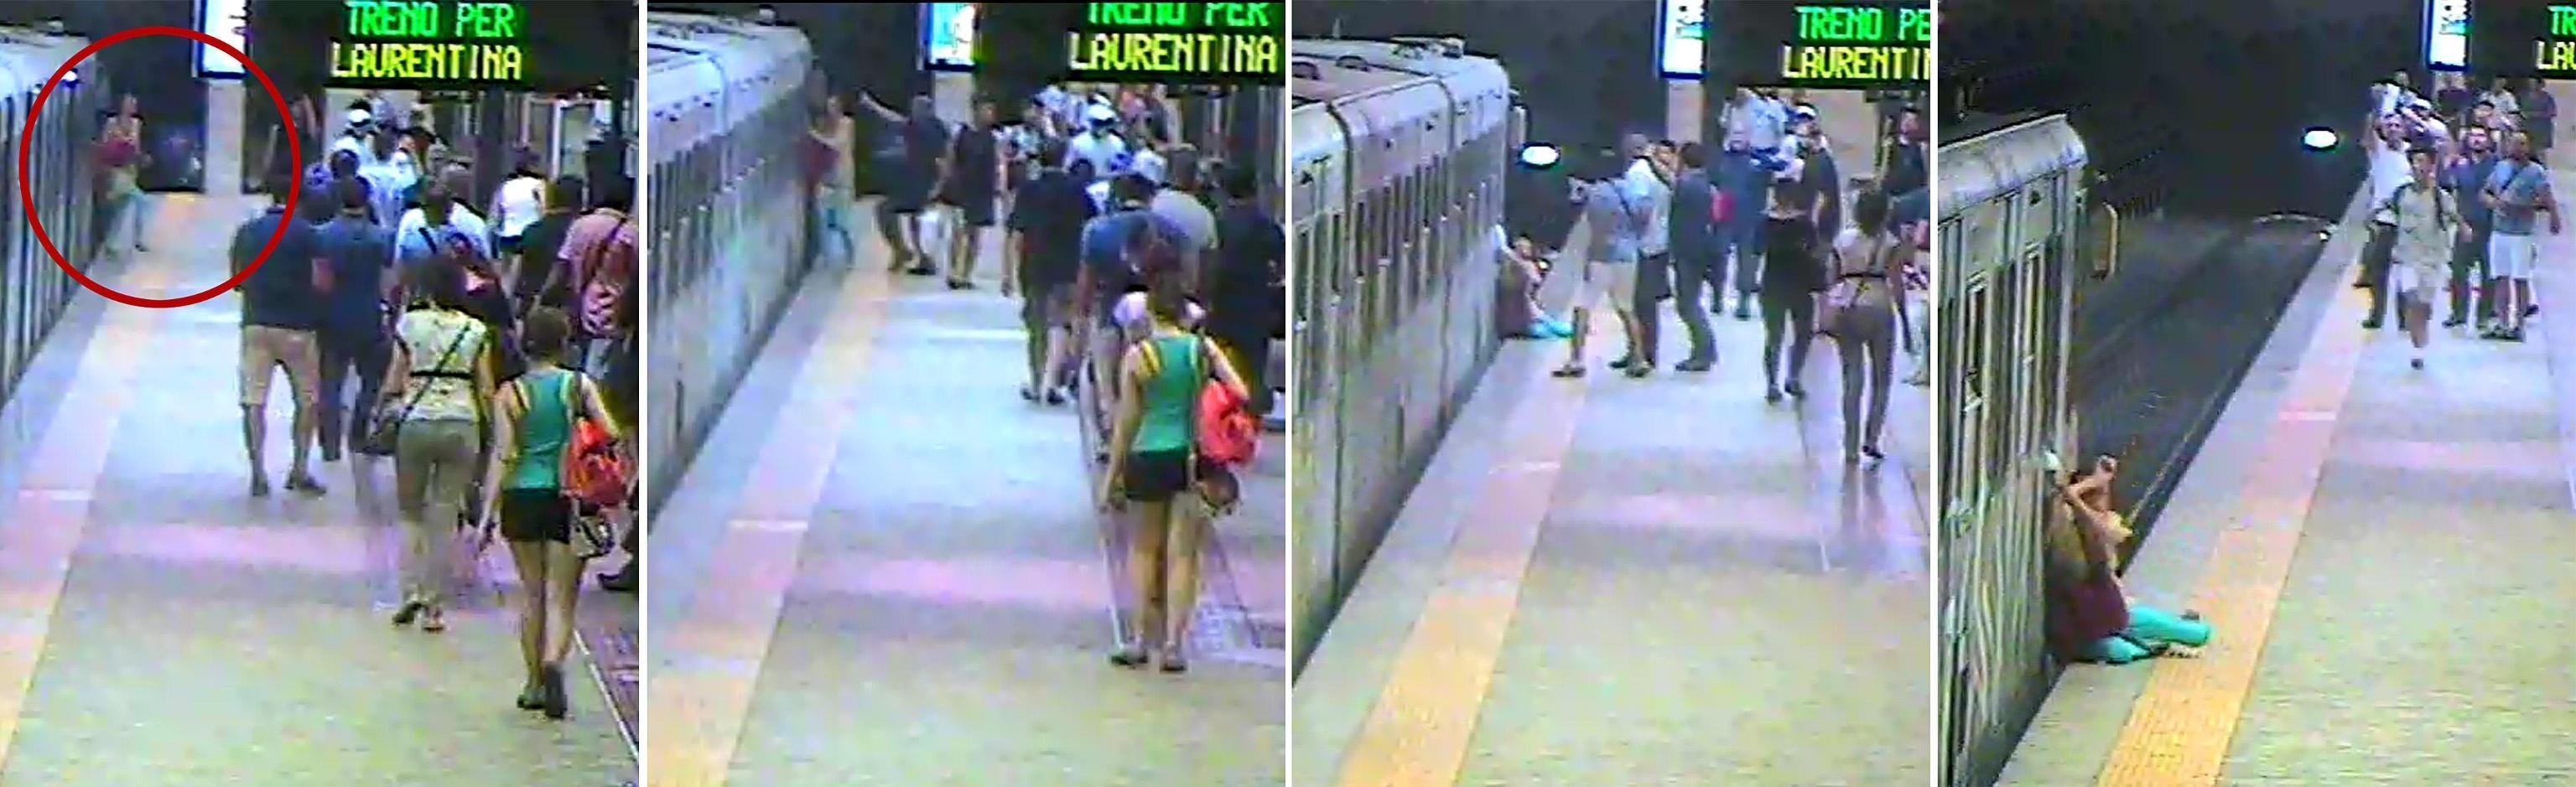 Donna incastrata nella metro a Roma, macchinista sospeso e indagato per lesioni